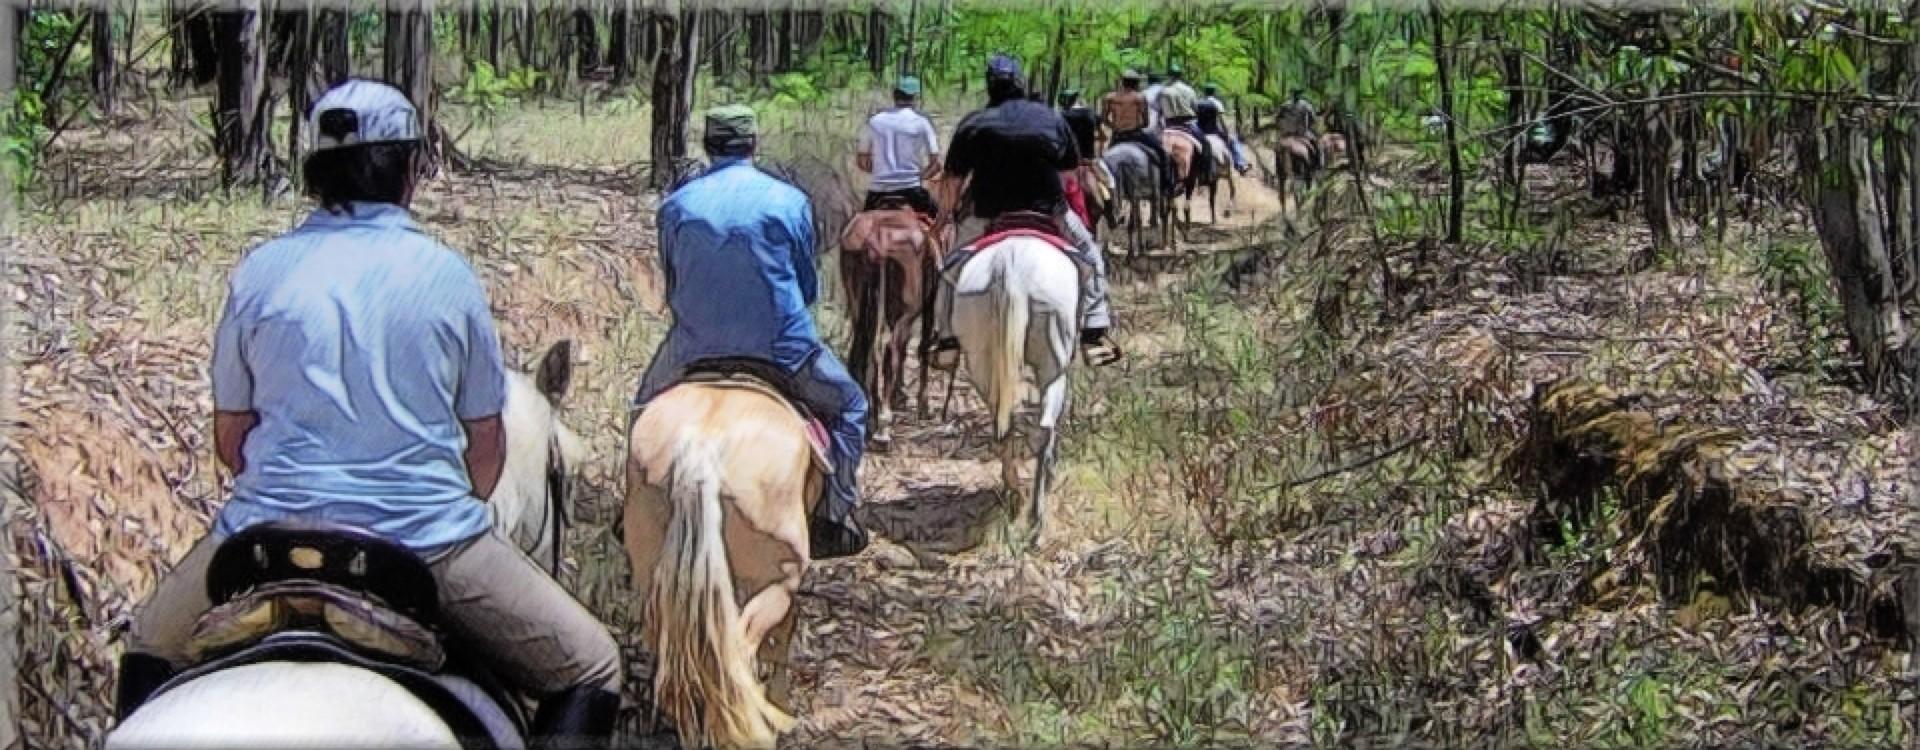 Escursioni a cavallo tra i boschi di faggio